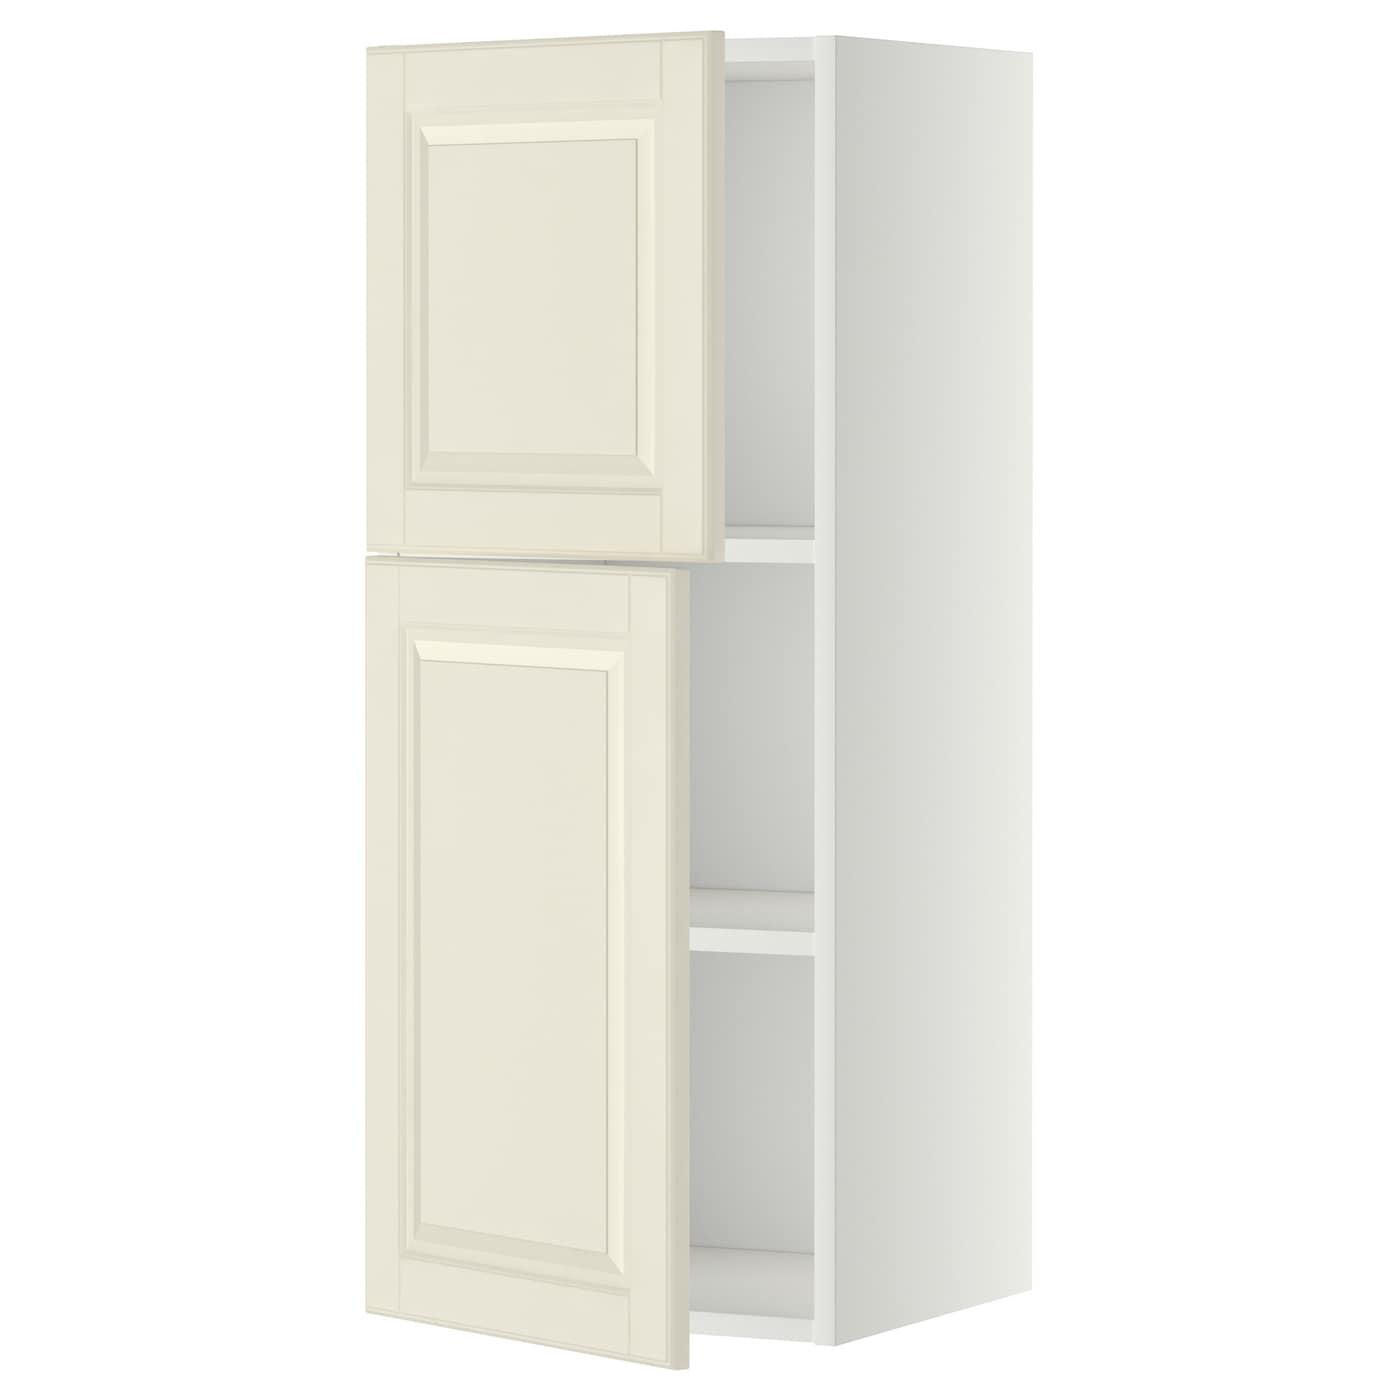 METOD, Wandschrank mit Böden und 2 Türen, weiß 599.178.10